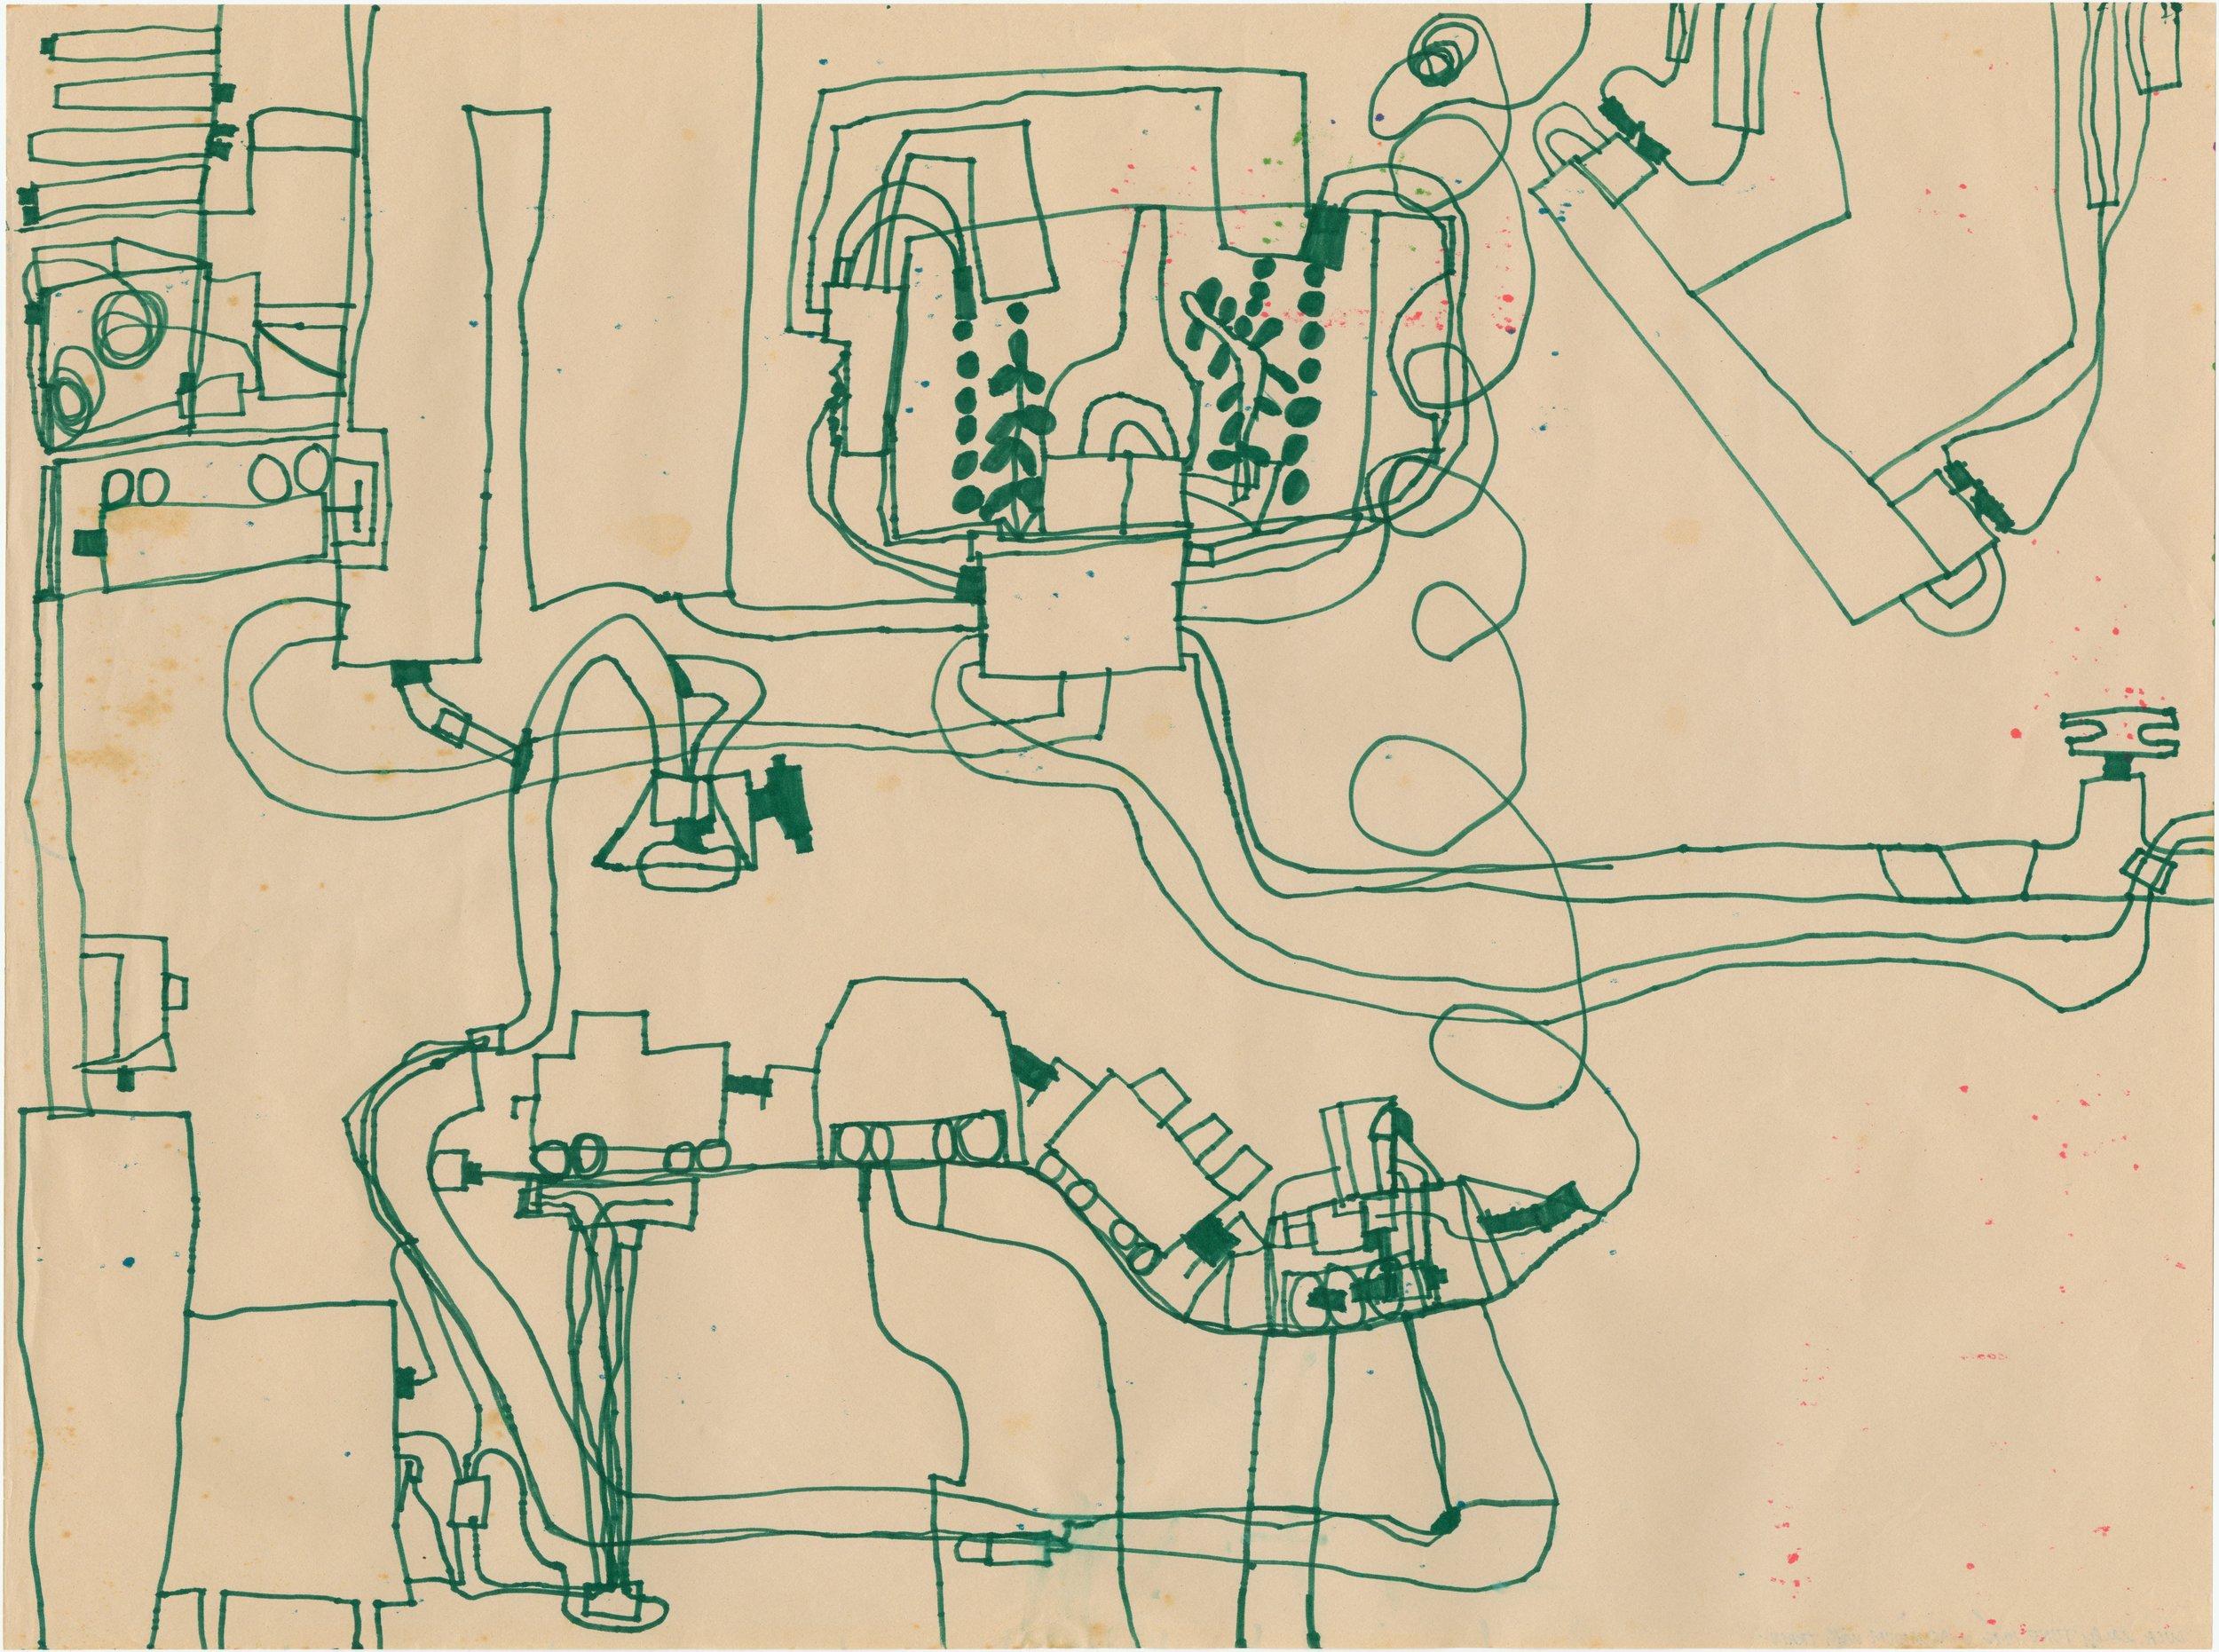 1996.06 - 001 - Aquarium with train.pdf0000.jpg